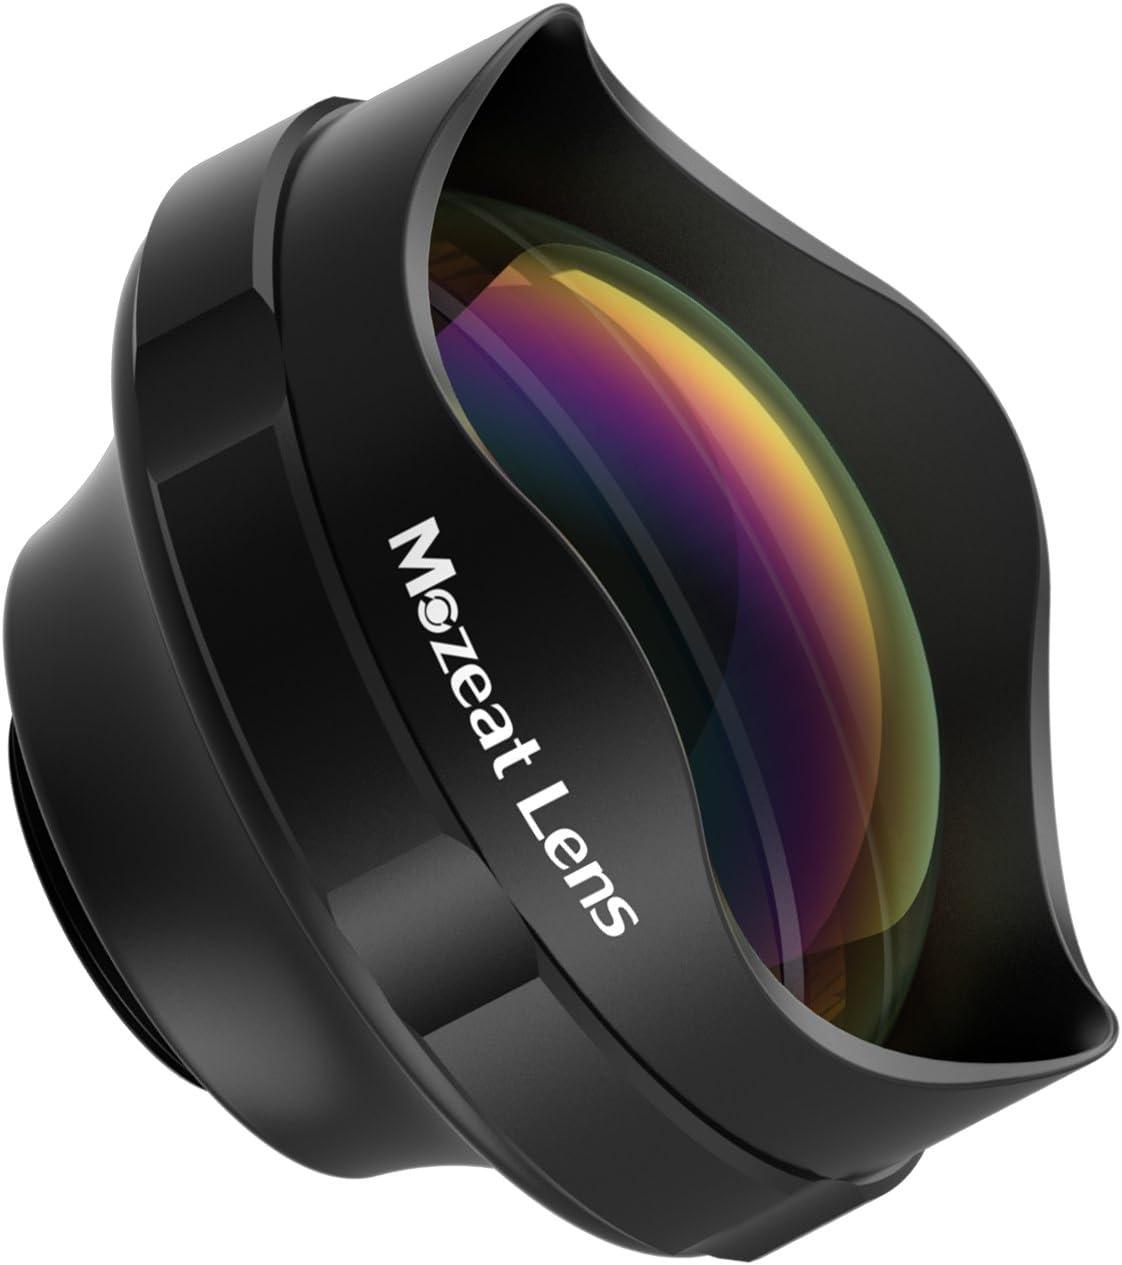 Mozeat Lente Telefoto 3X HD para Móvil, 3X Primer Plano, Sin Distorsión Ni Círculo Oscuro, Adecuada para Smartphones Teléfono Inteligente iPhone 6s, 6s Plus, Samsung Galaxy, Android: Amazon.es: Electrónica